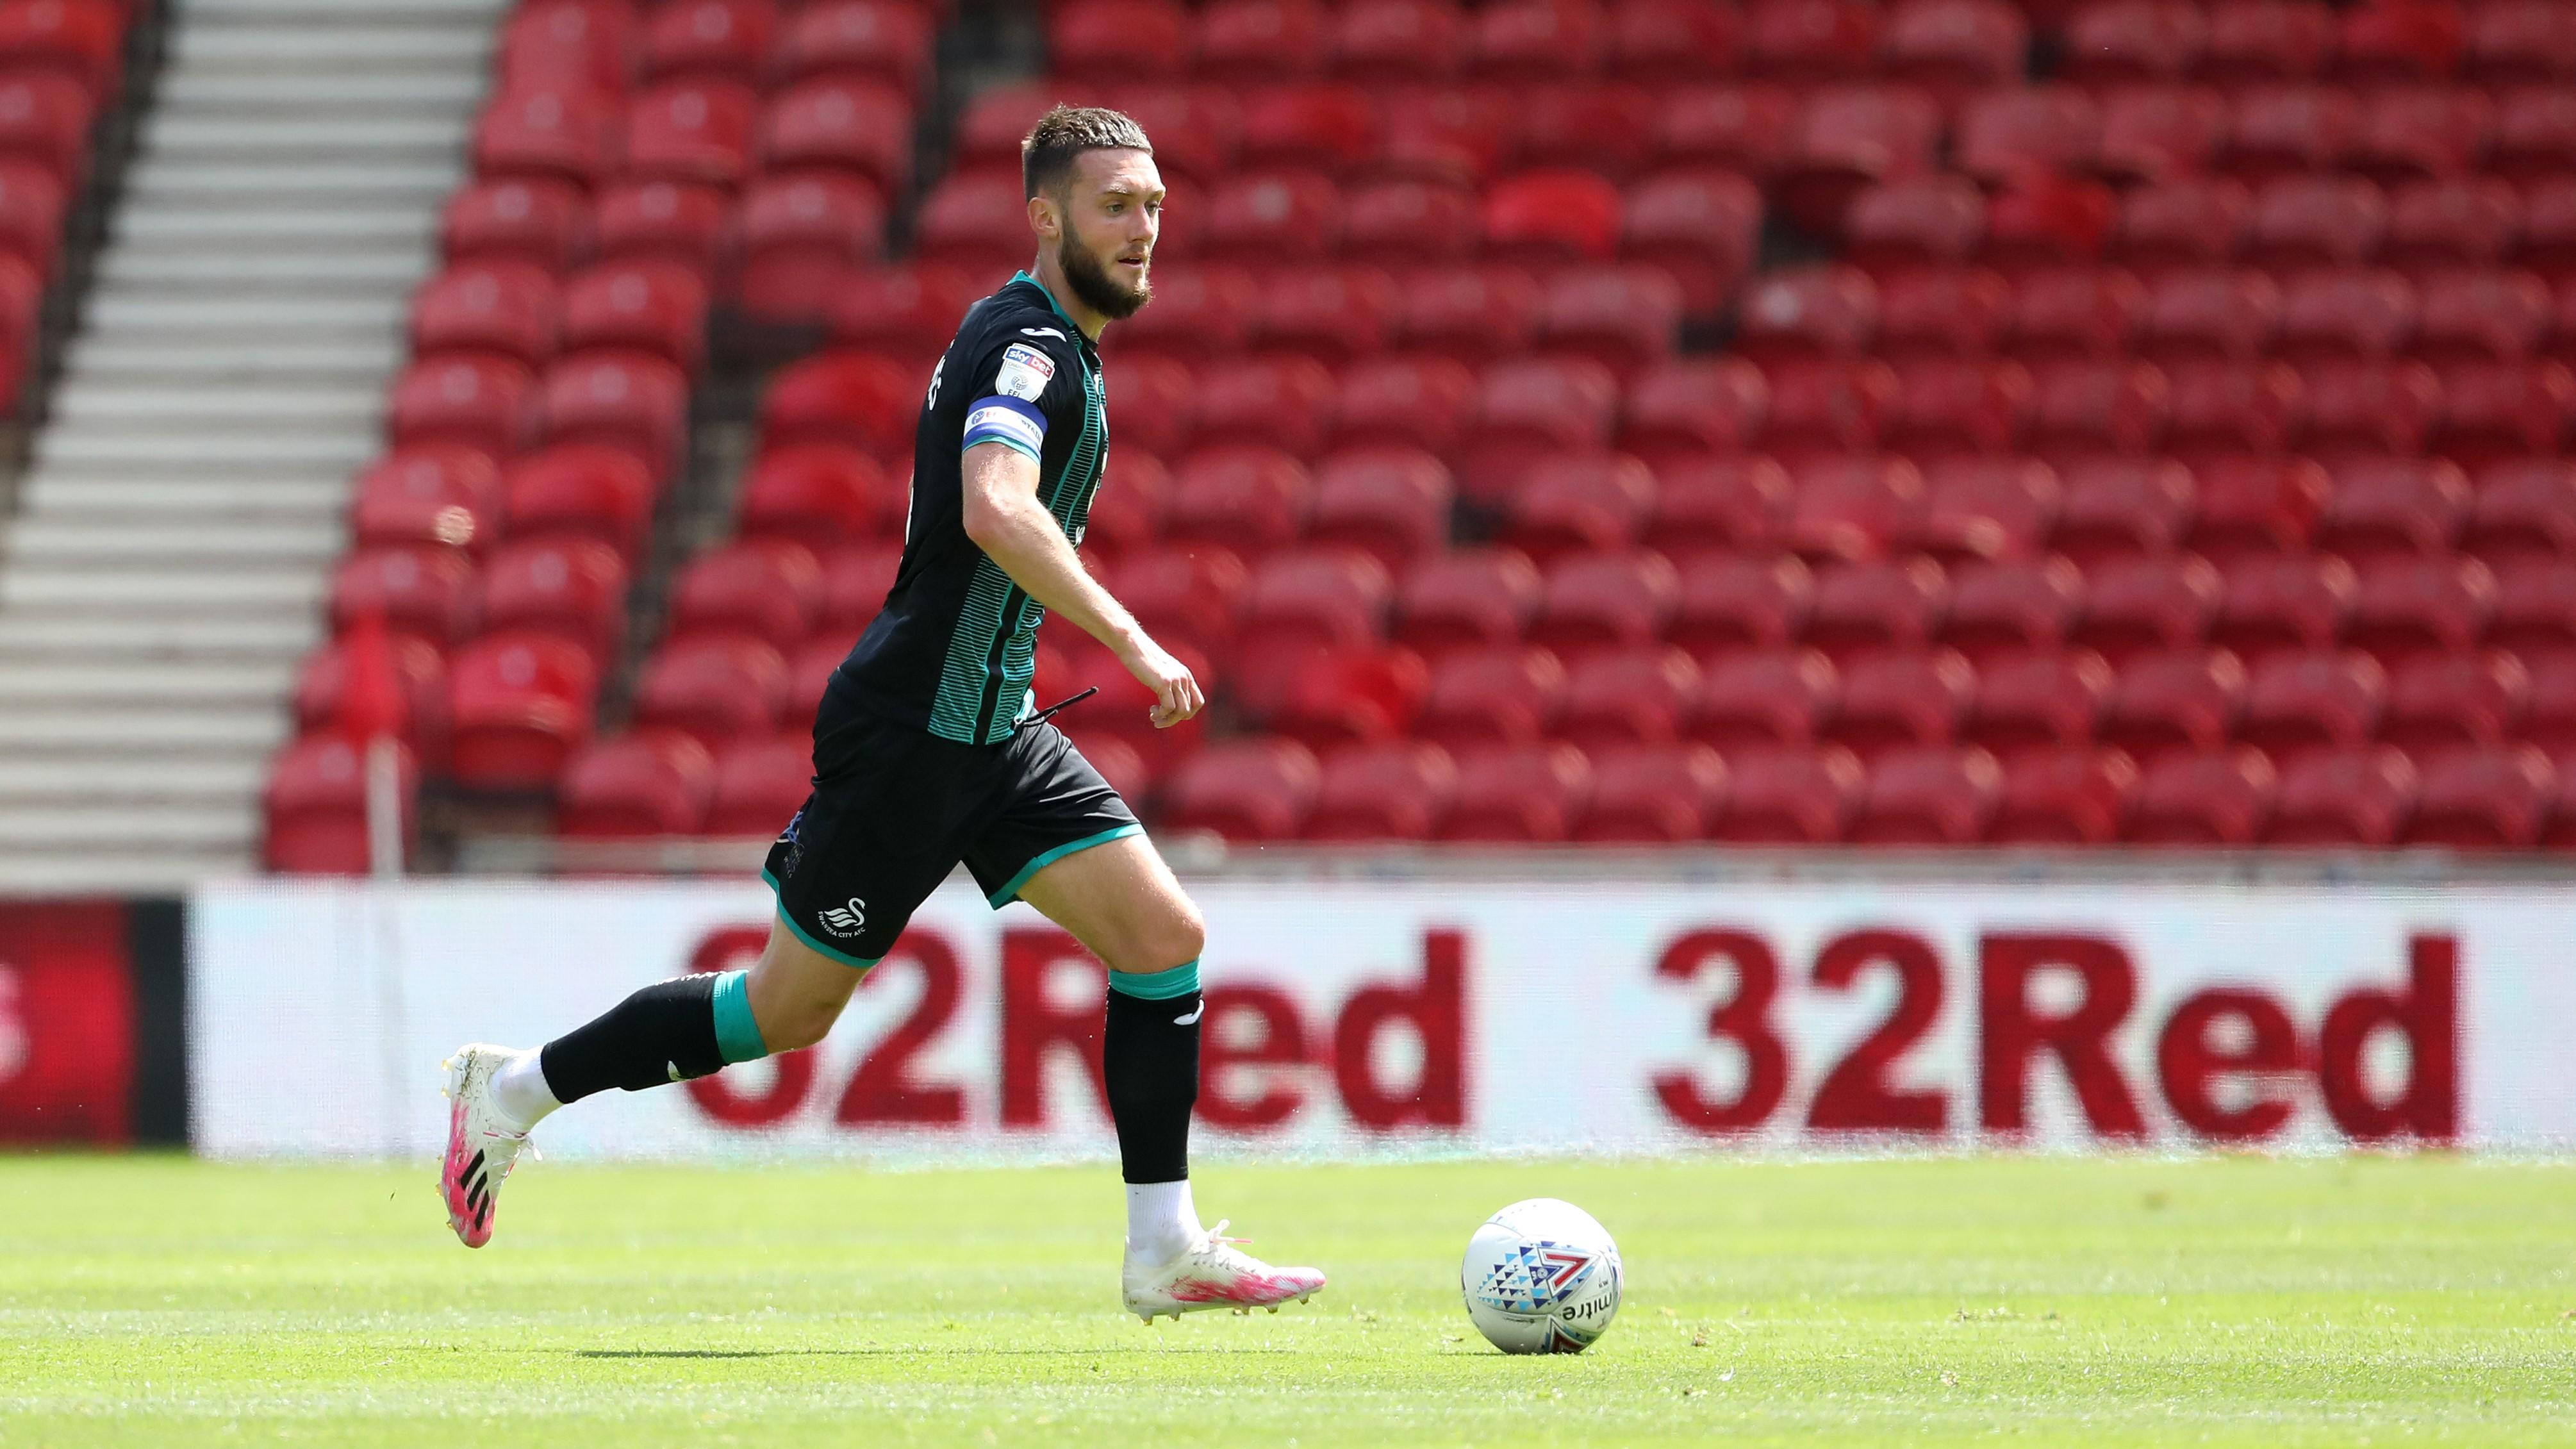 Middlesbrough Matt Grimes